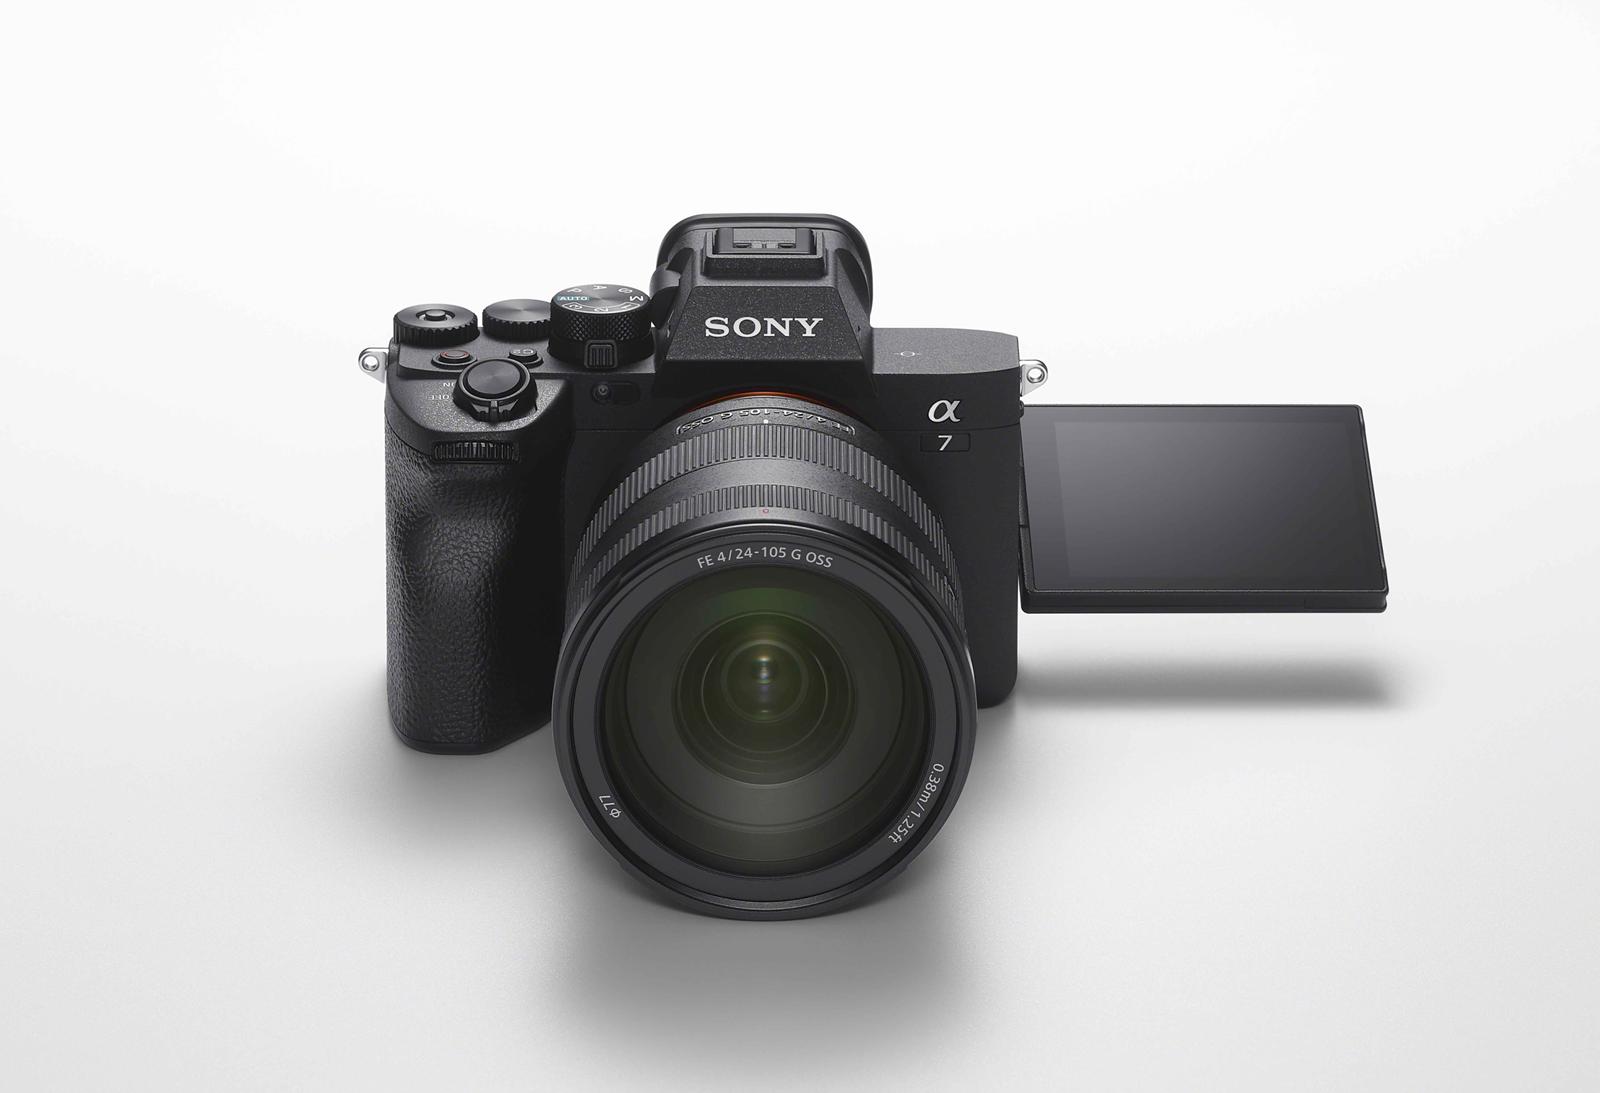 全方位狠角「攝」Sony α7 IV 嶄新突破登場 3,300 萬畫素/ 側翻式多角度螢幕/ 旗艦機種同級處理器/ 動靜態影像對焦性能大躍進 @3C 達人廖阿輝